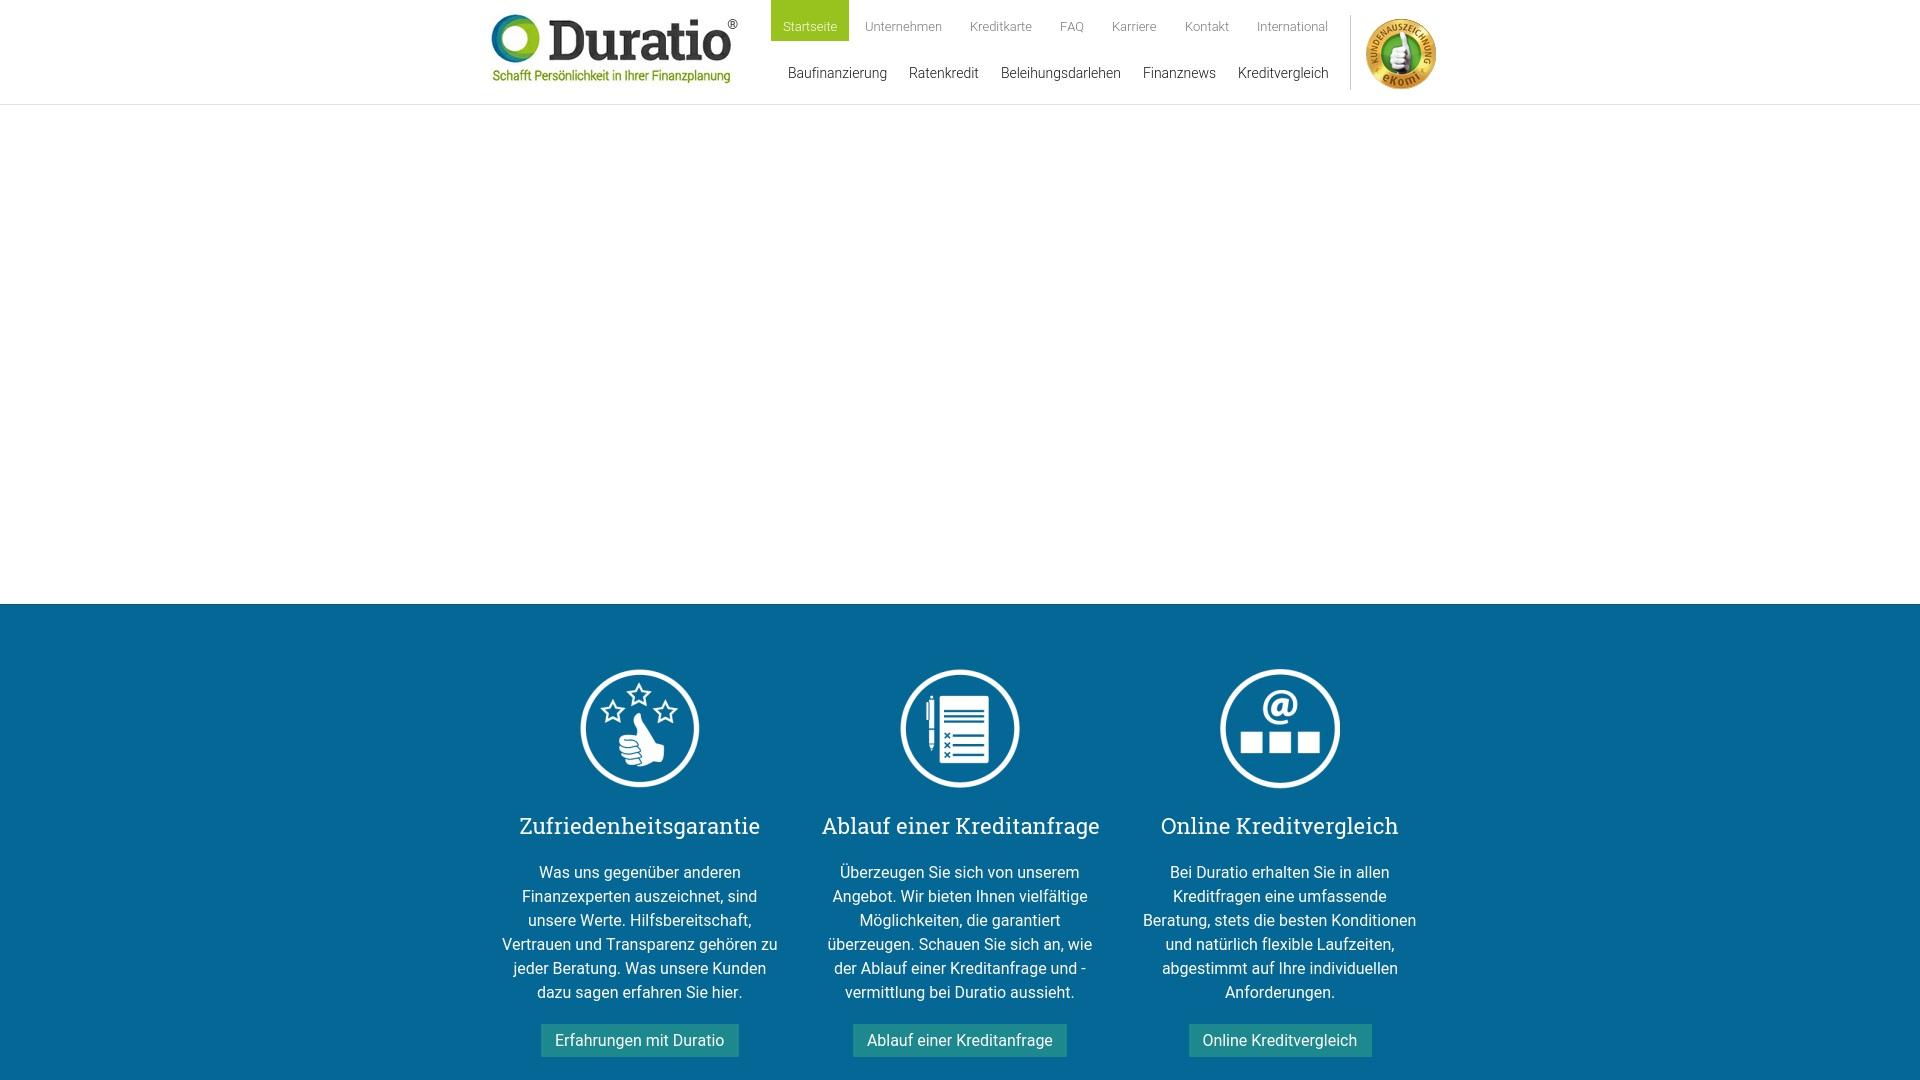 Gutschein für Duratio: Rabatte für  Duratio sichern